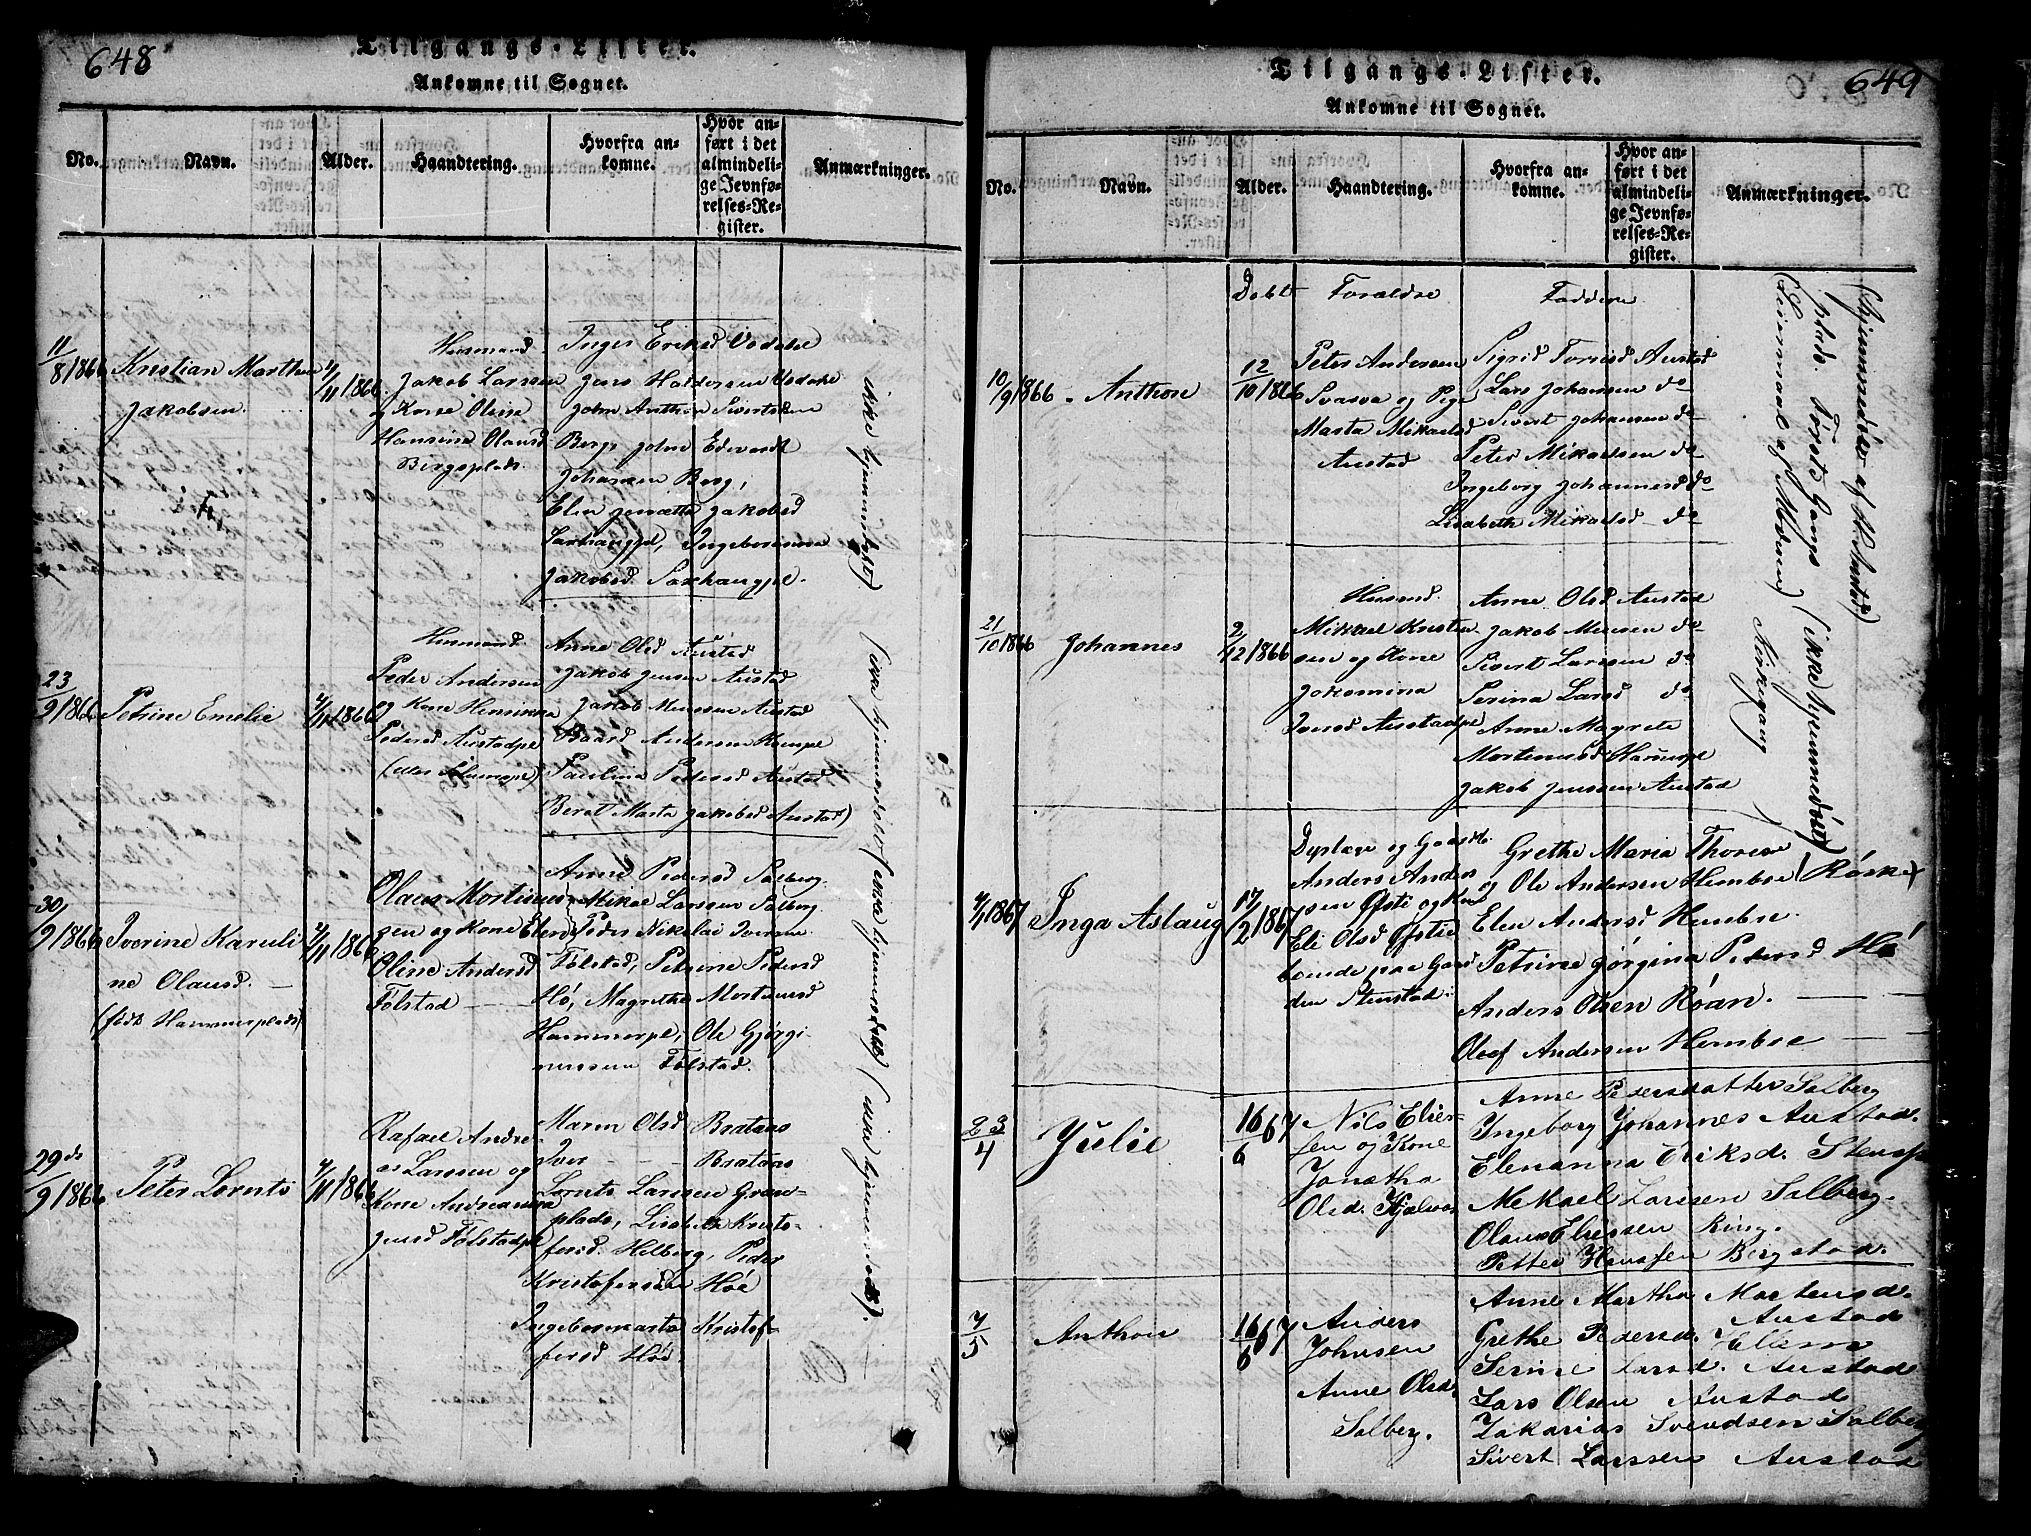 SAT, Ministerialprotokoller, klokkerbøker og fødselsregistre - Nord-Trøndelag, 731/L0310: Klokkerbok nr. 731C01, 1816-1874, s. 648-649